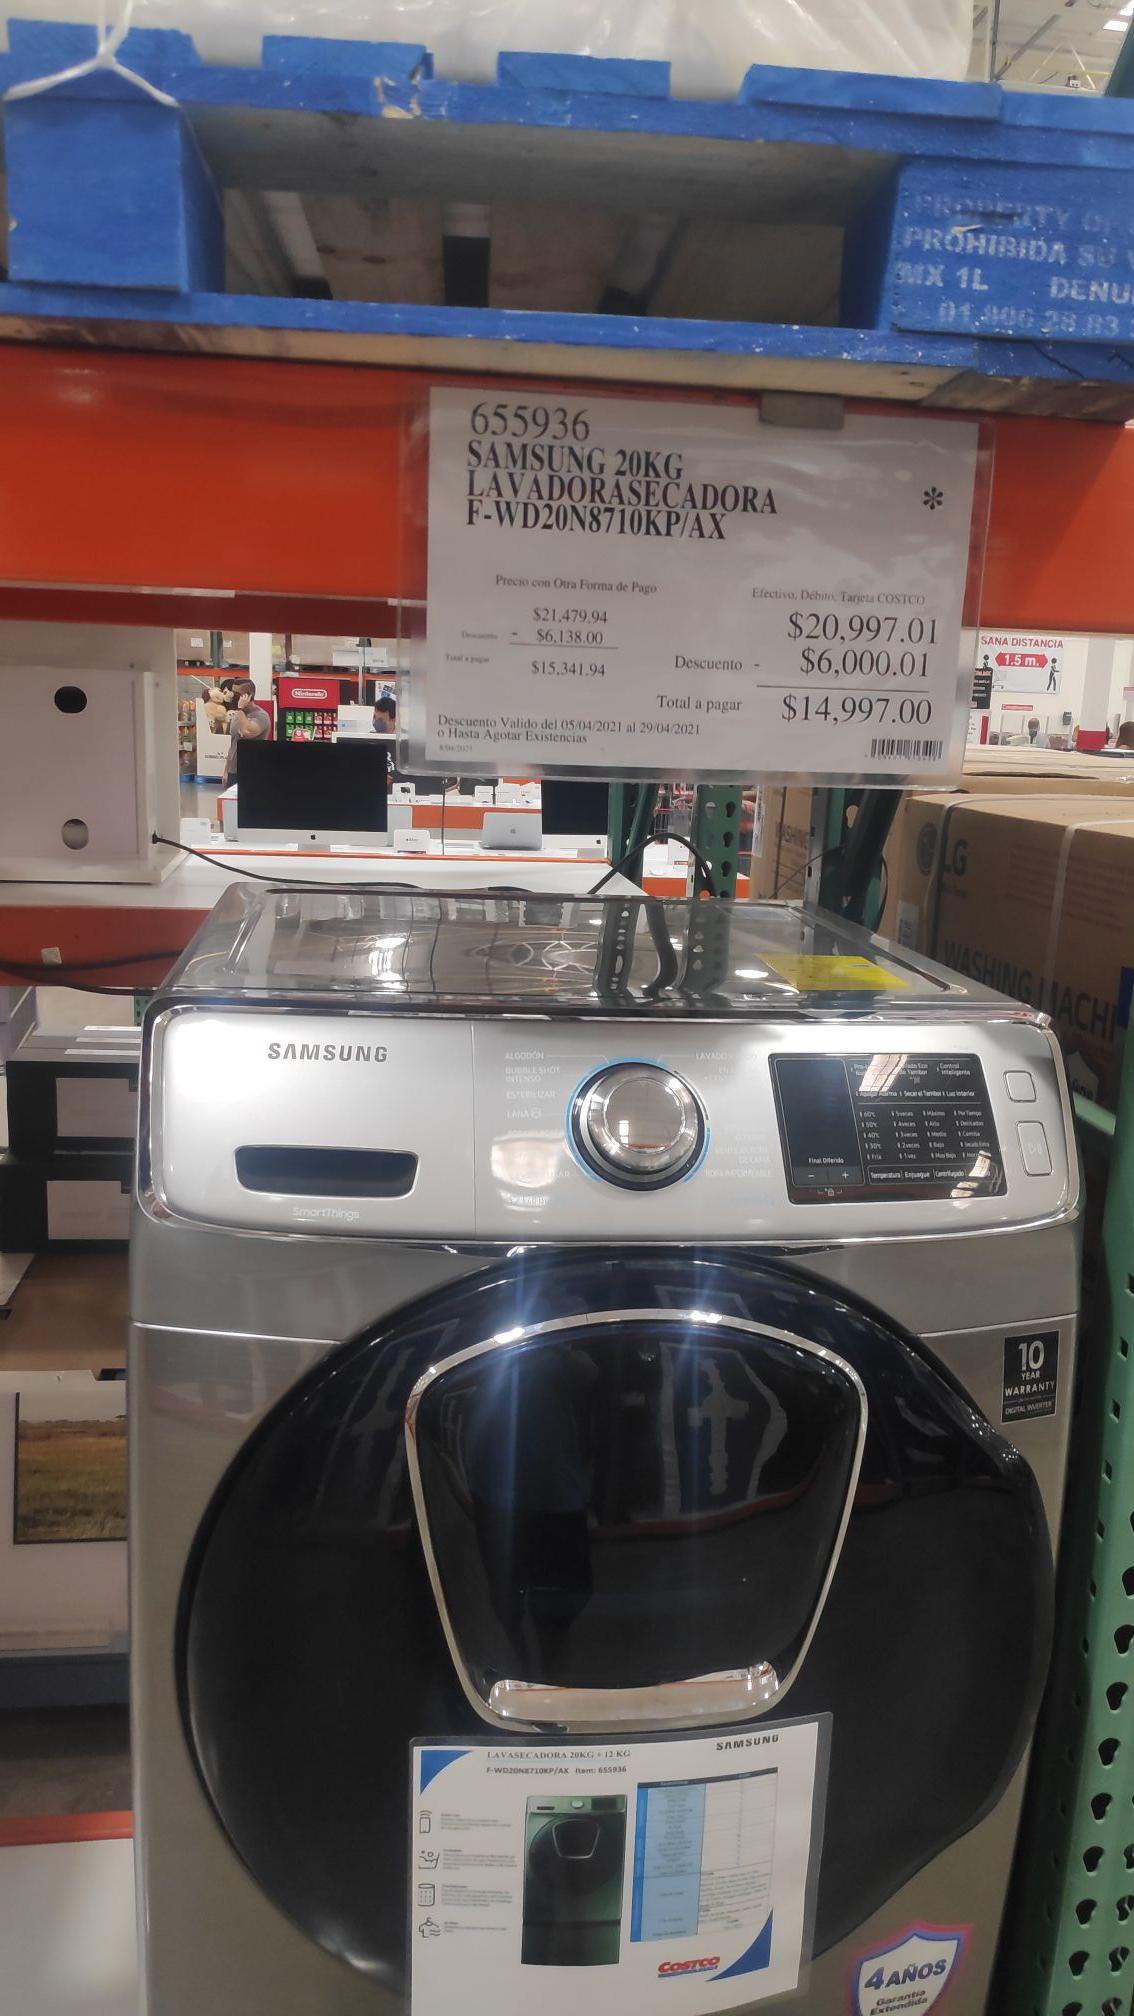 Costco - Lavasecadora Samsung 20 kg